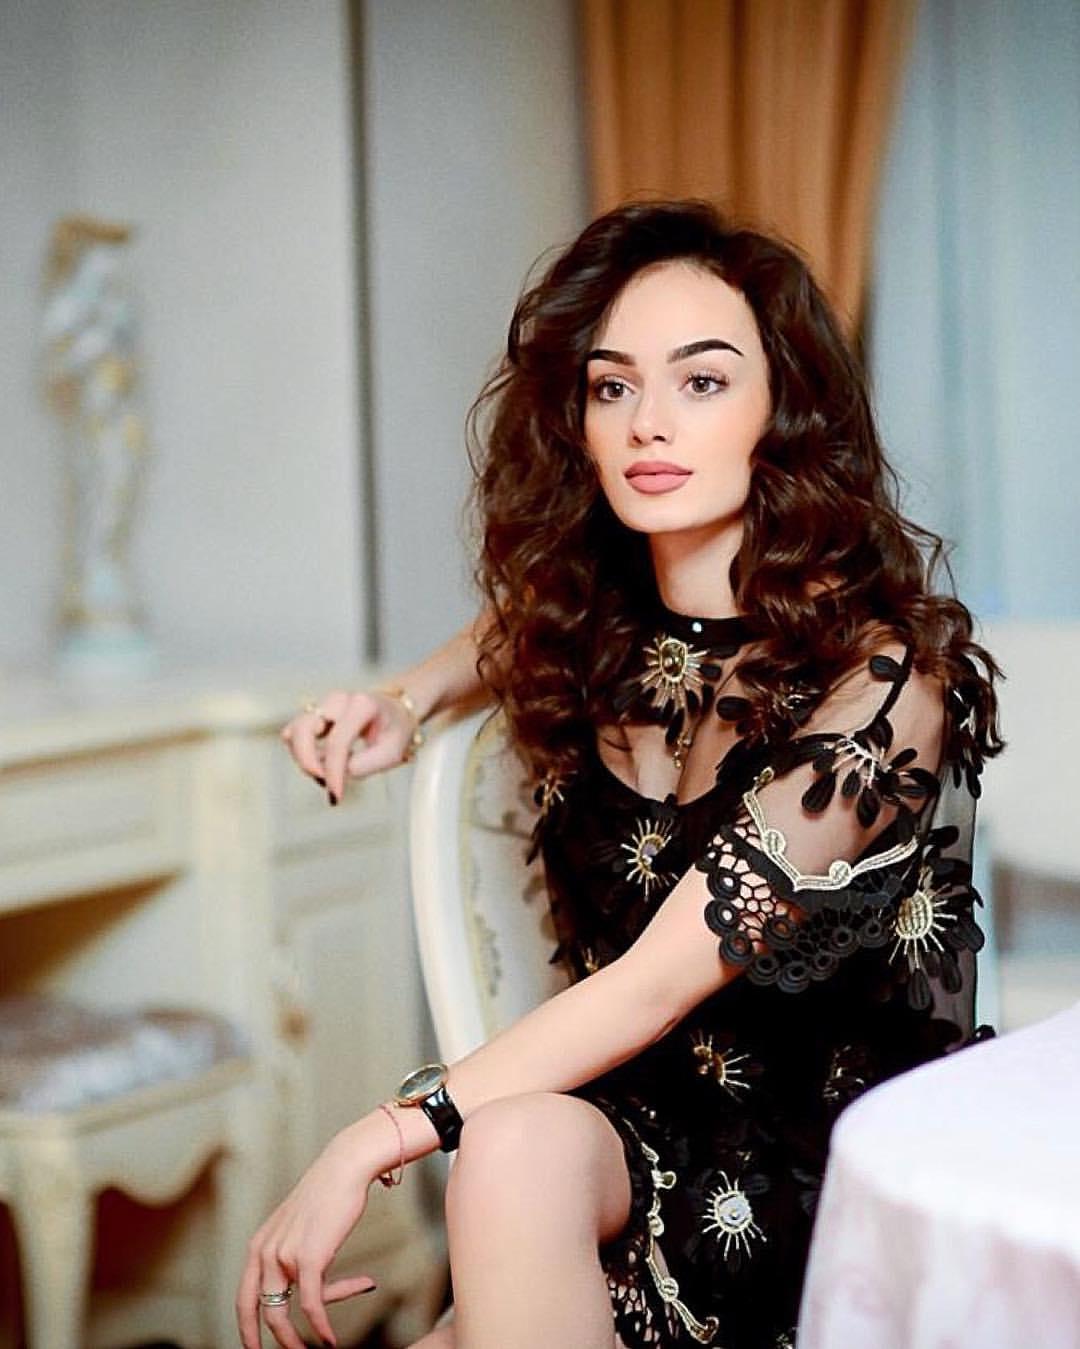 Армянская красавица - Анна